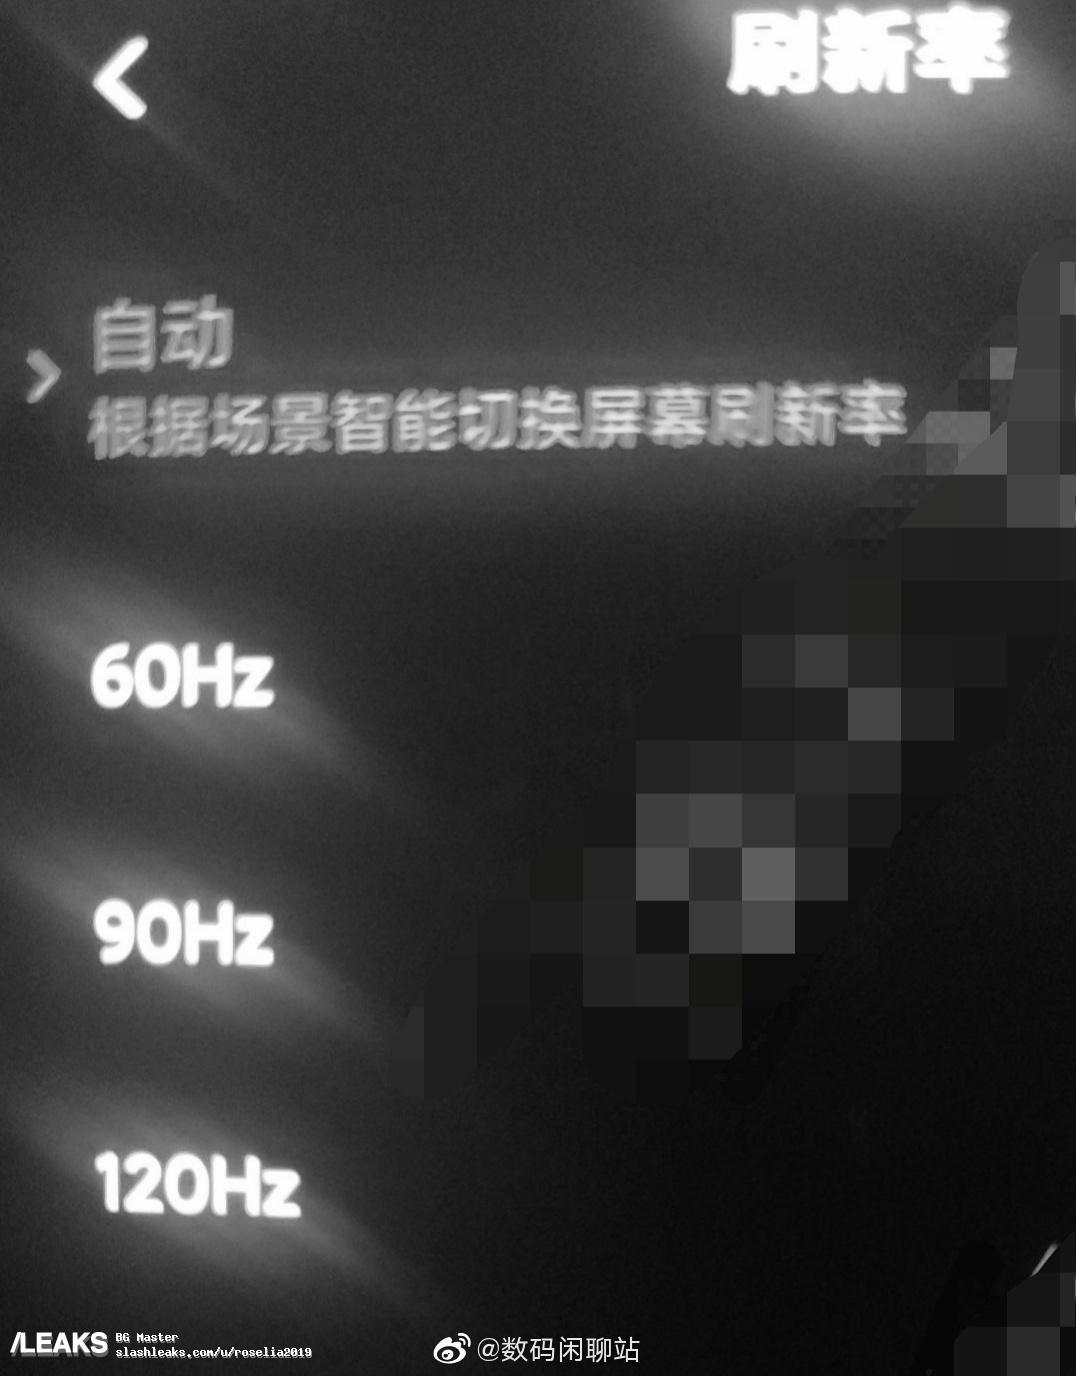 img Xiaomi 10 Prototype Has 120HZ